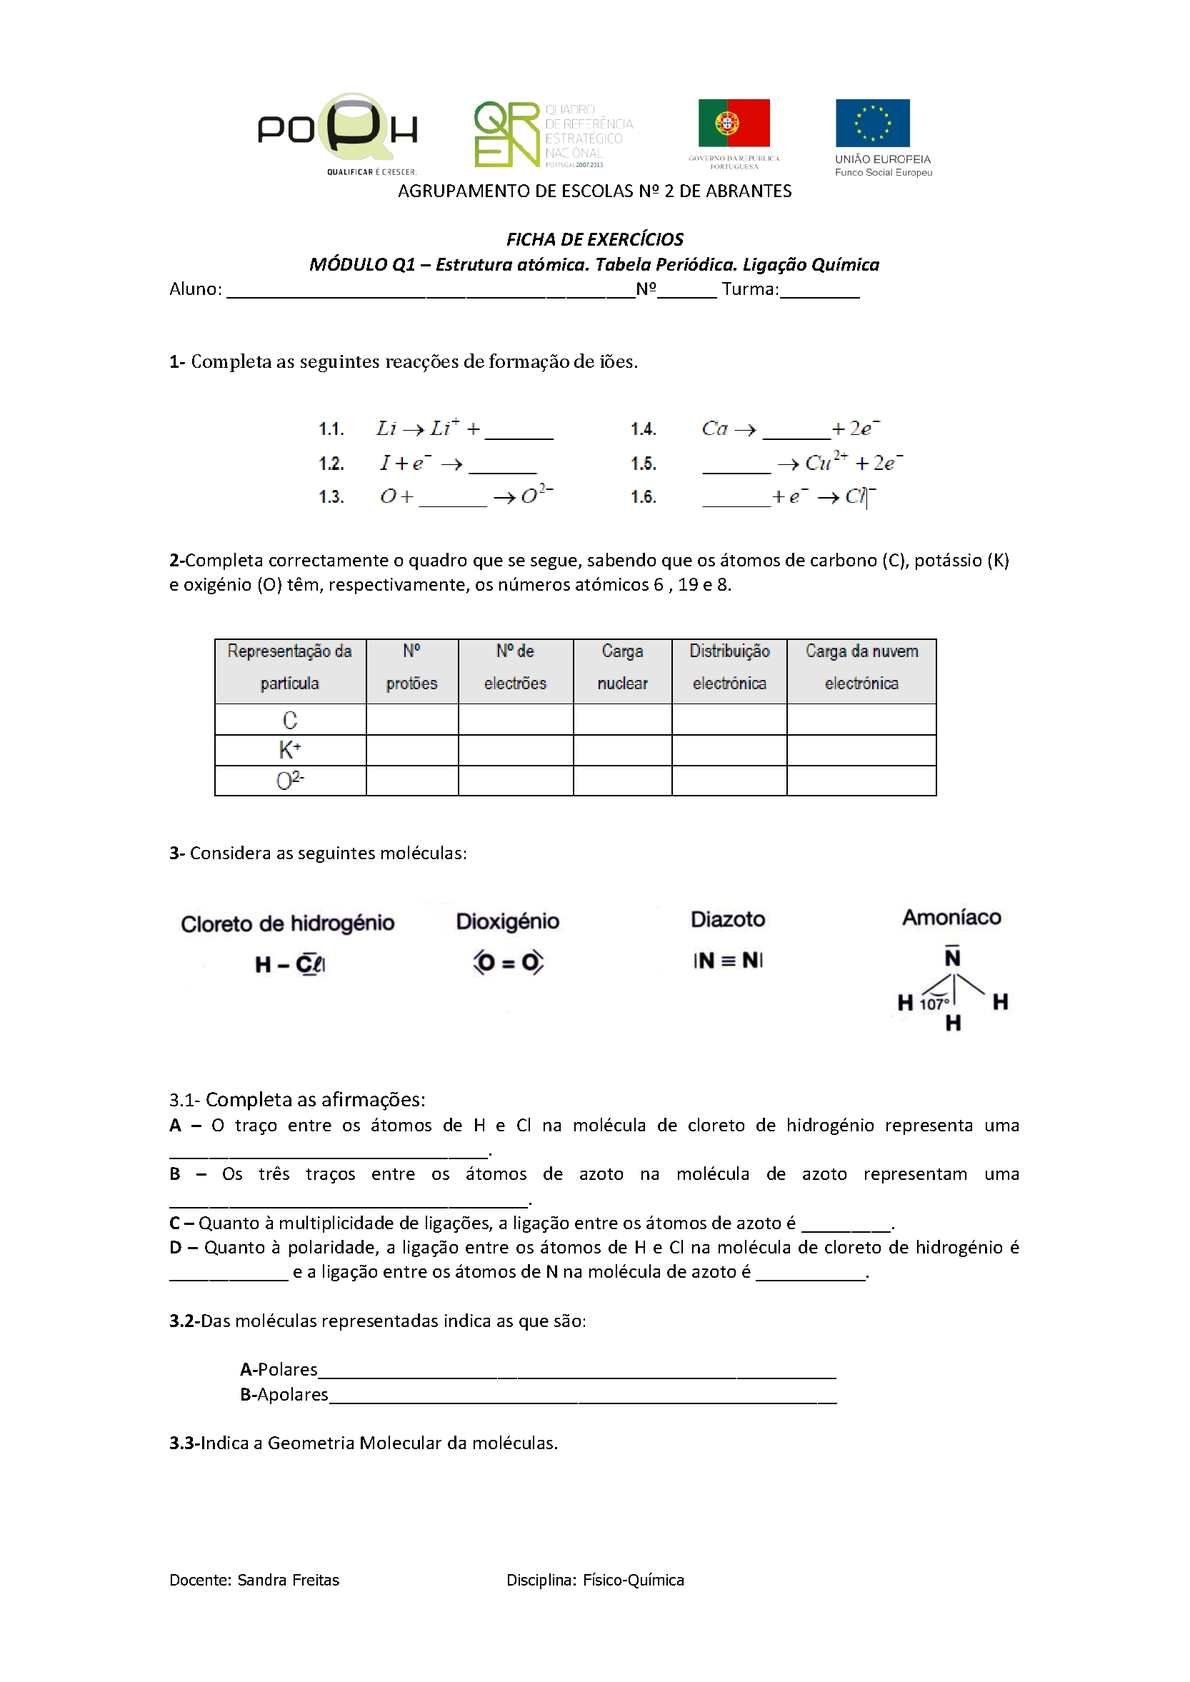 Calaméo Ficah Exerc Q1 1